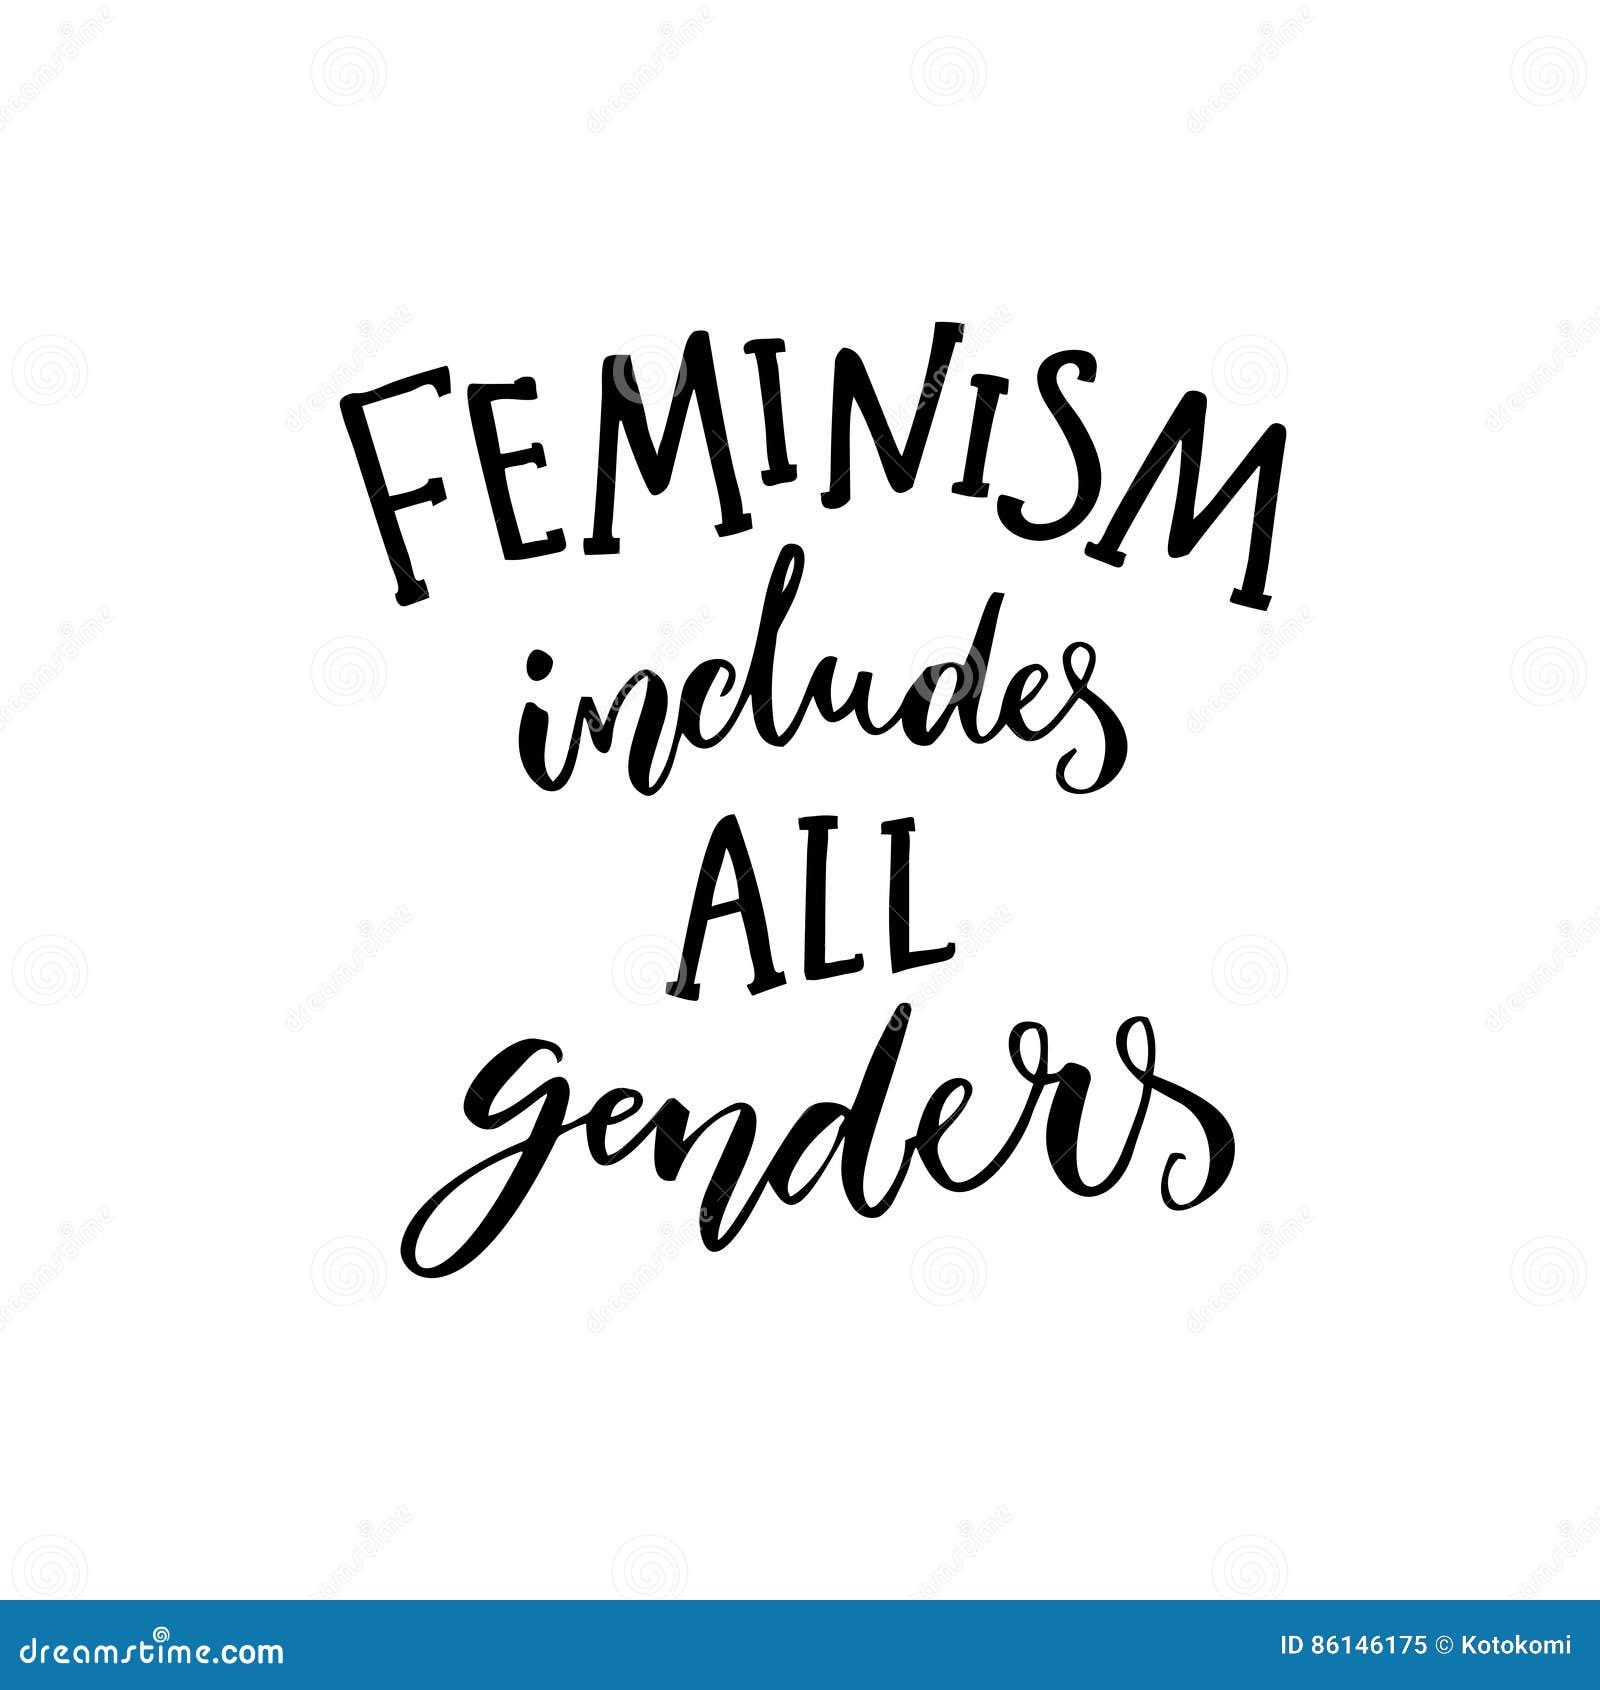 女权主义包括所有性别 关于妇女和人的平等的女权说法 激动人心的行情,现代书法